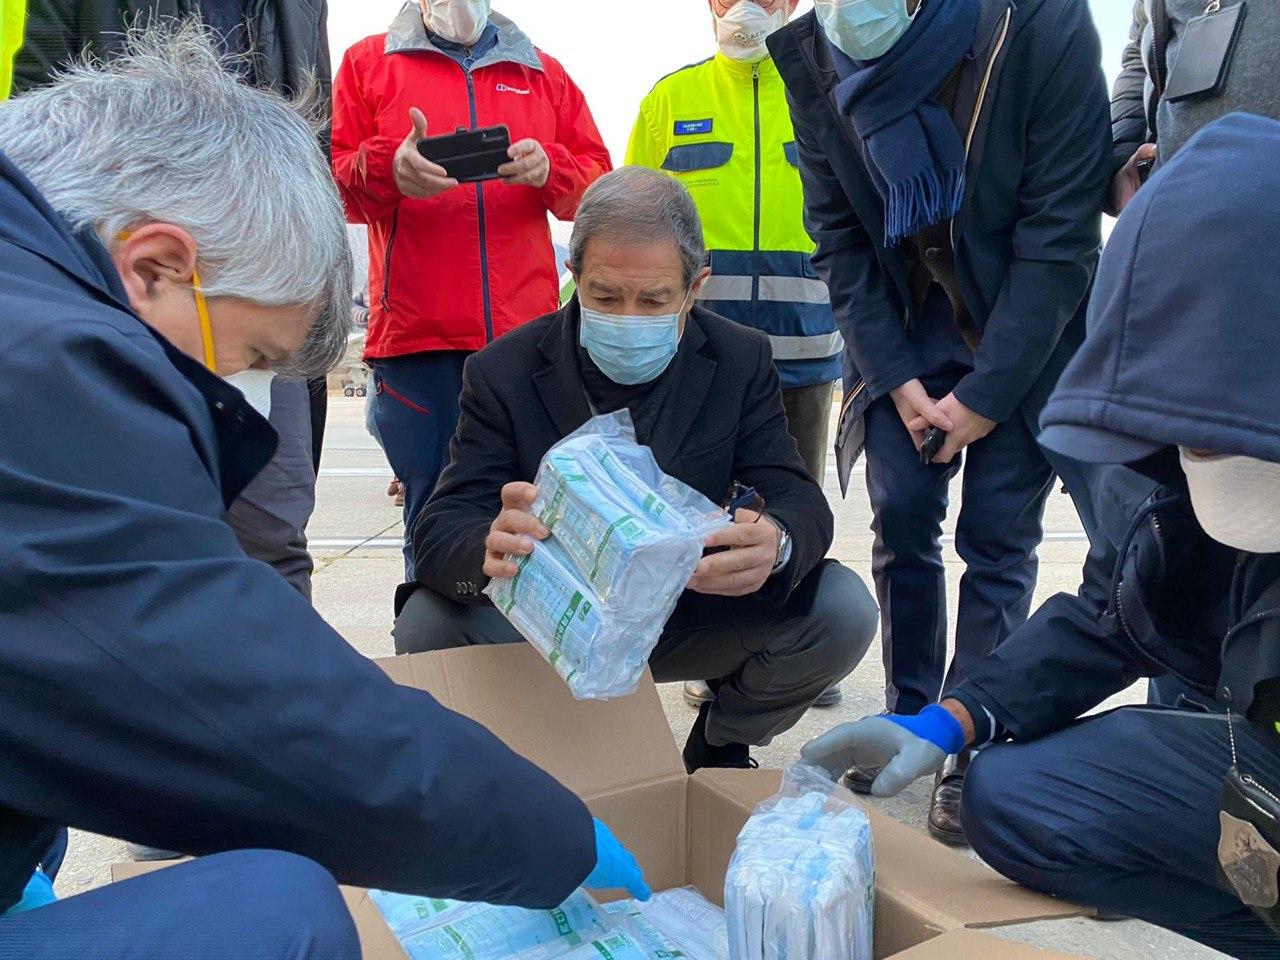 Arrivano le mascherine: oltre due milioni in distribuzione in tutta la Sicilia